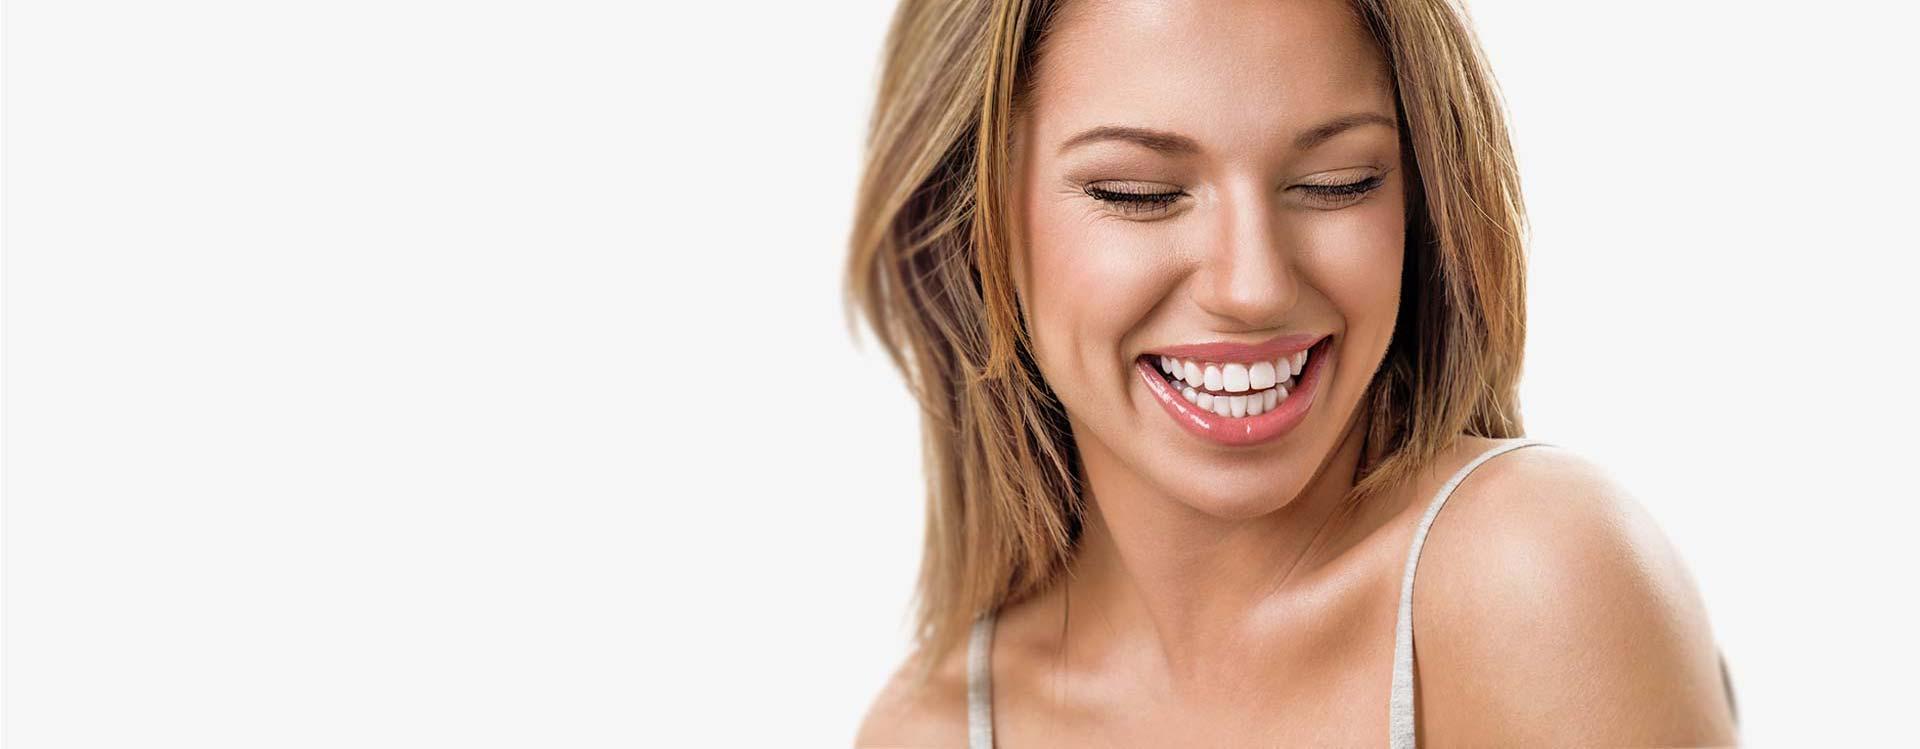 Een stralende lach